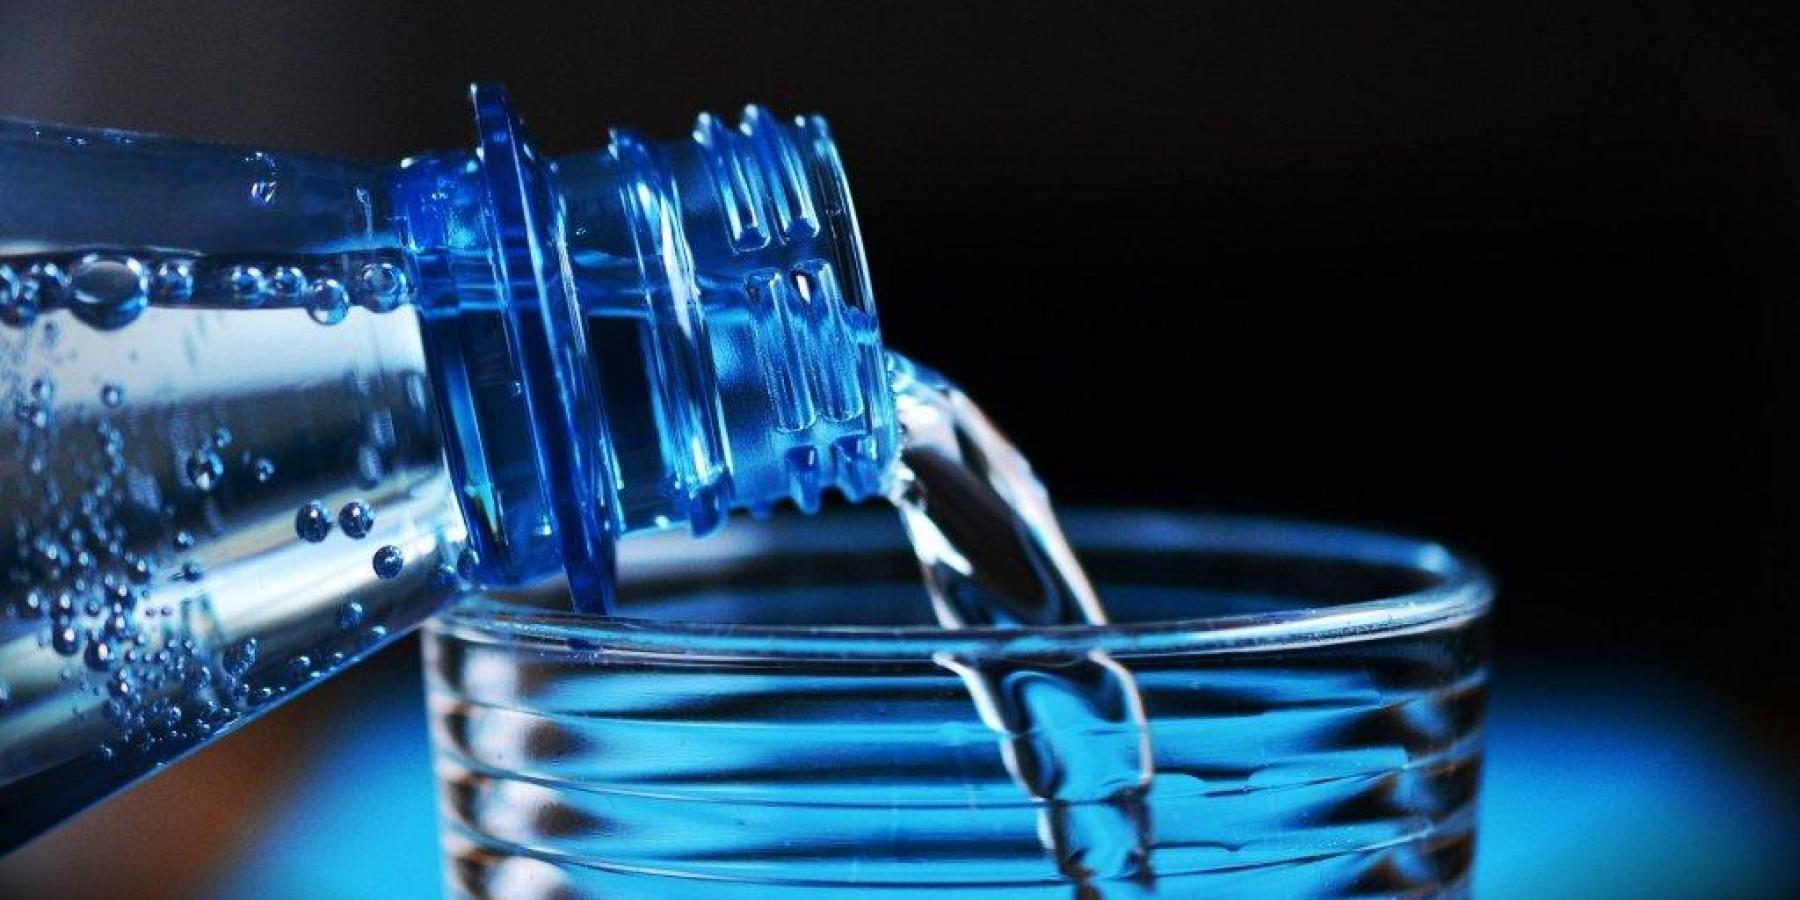 Viel trinken schützt vor Krankheitserregern